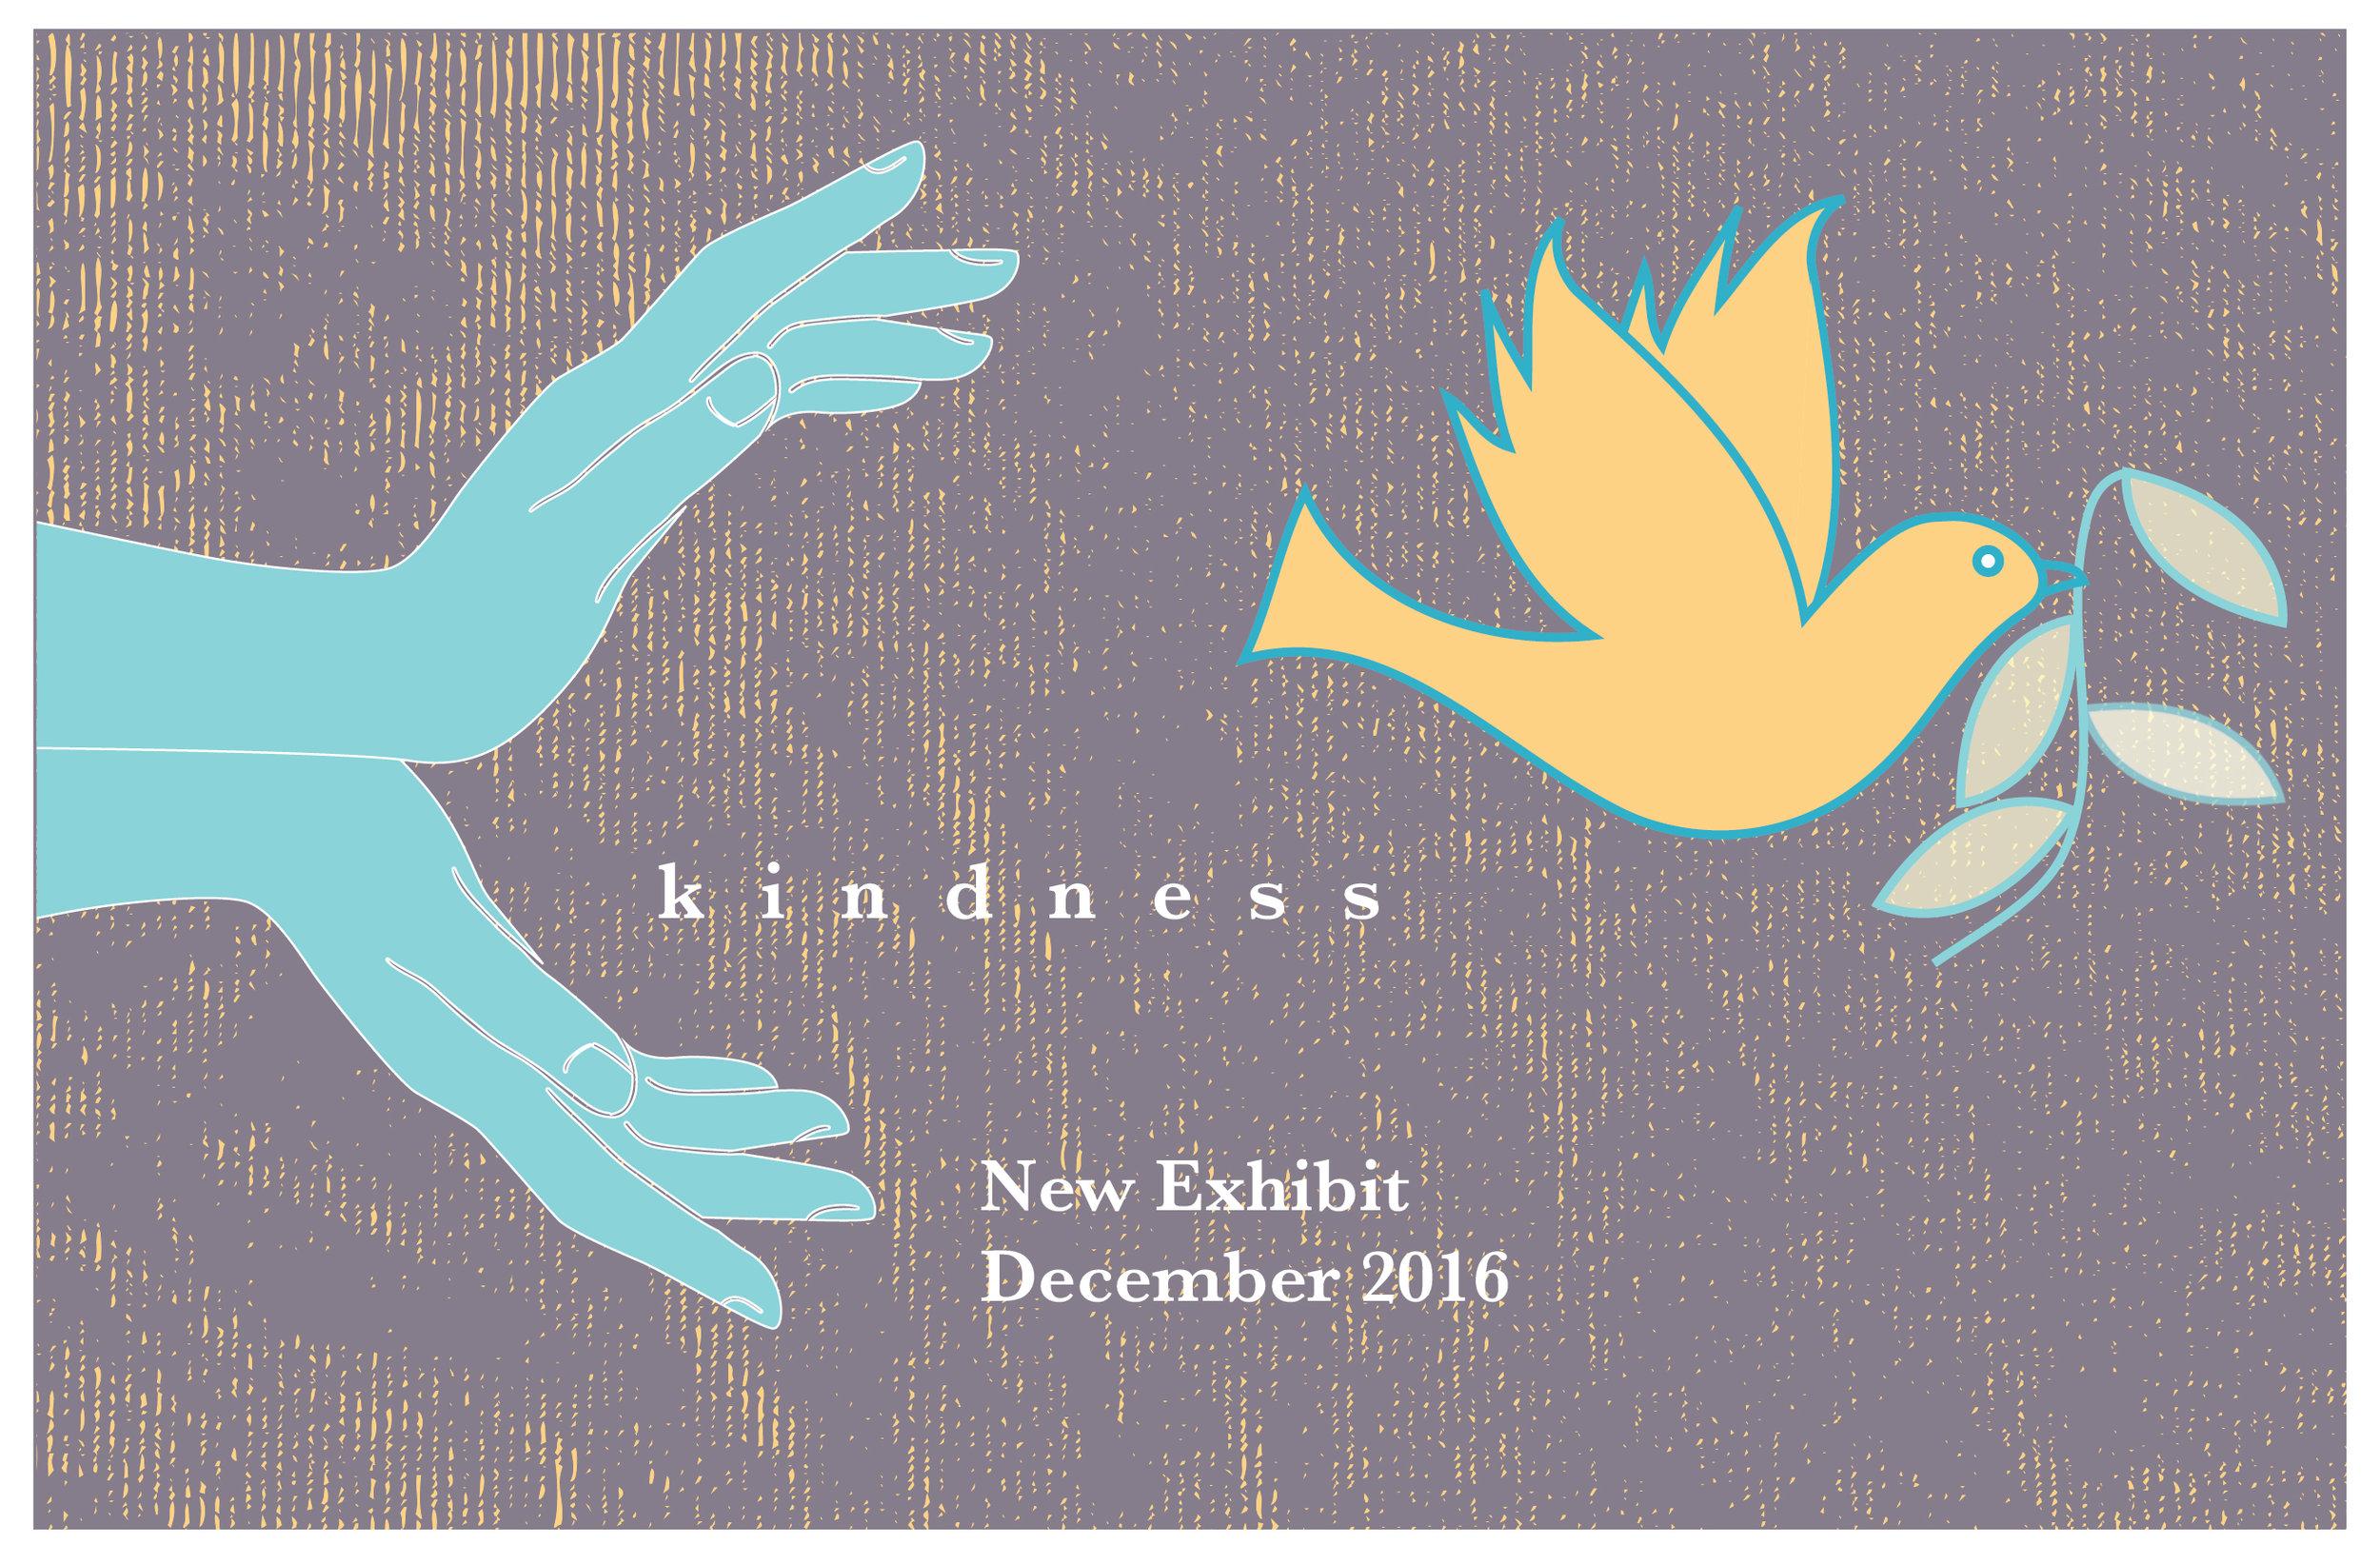 kindness2_base.jpg